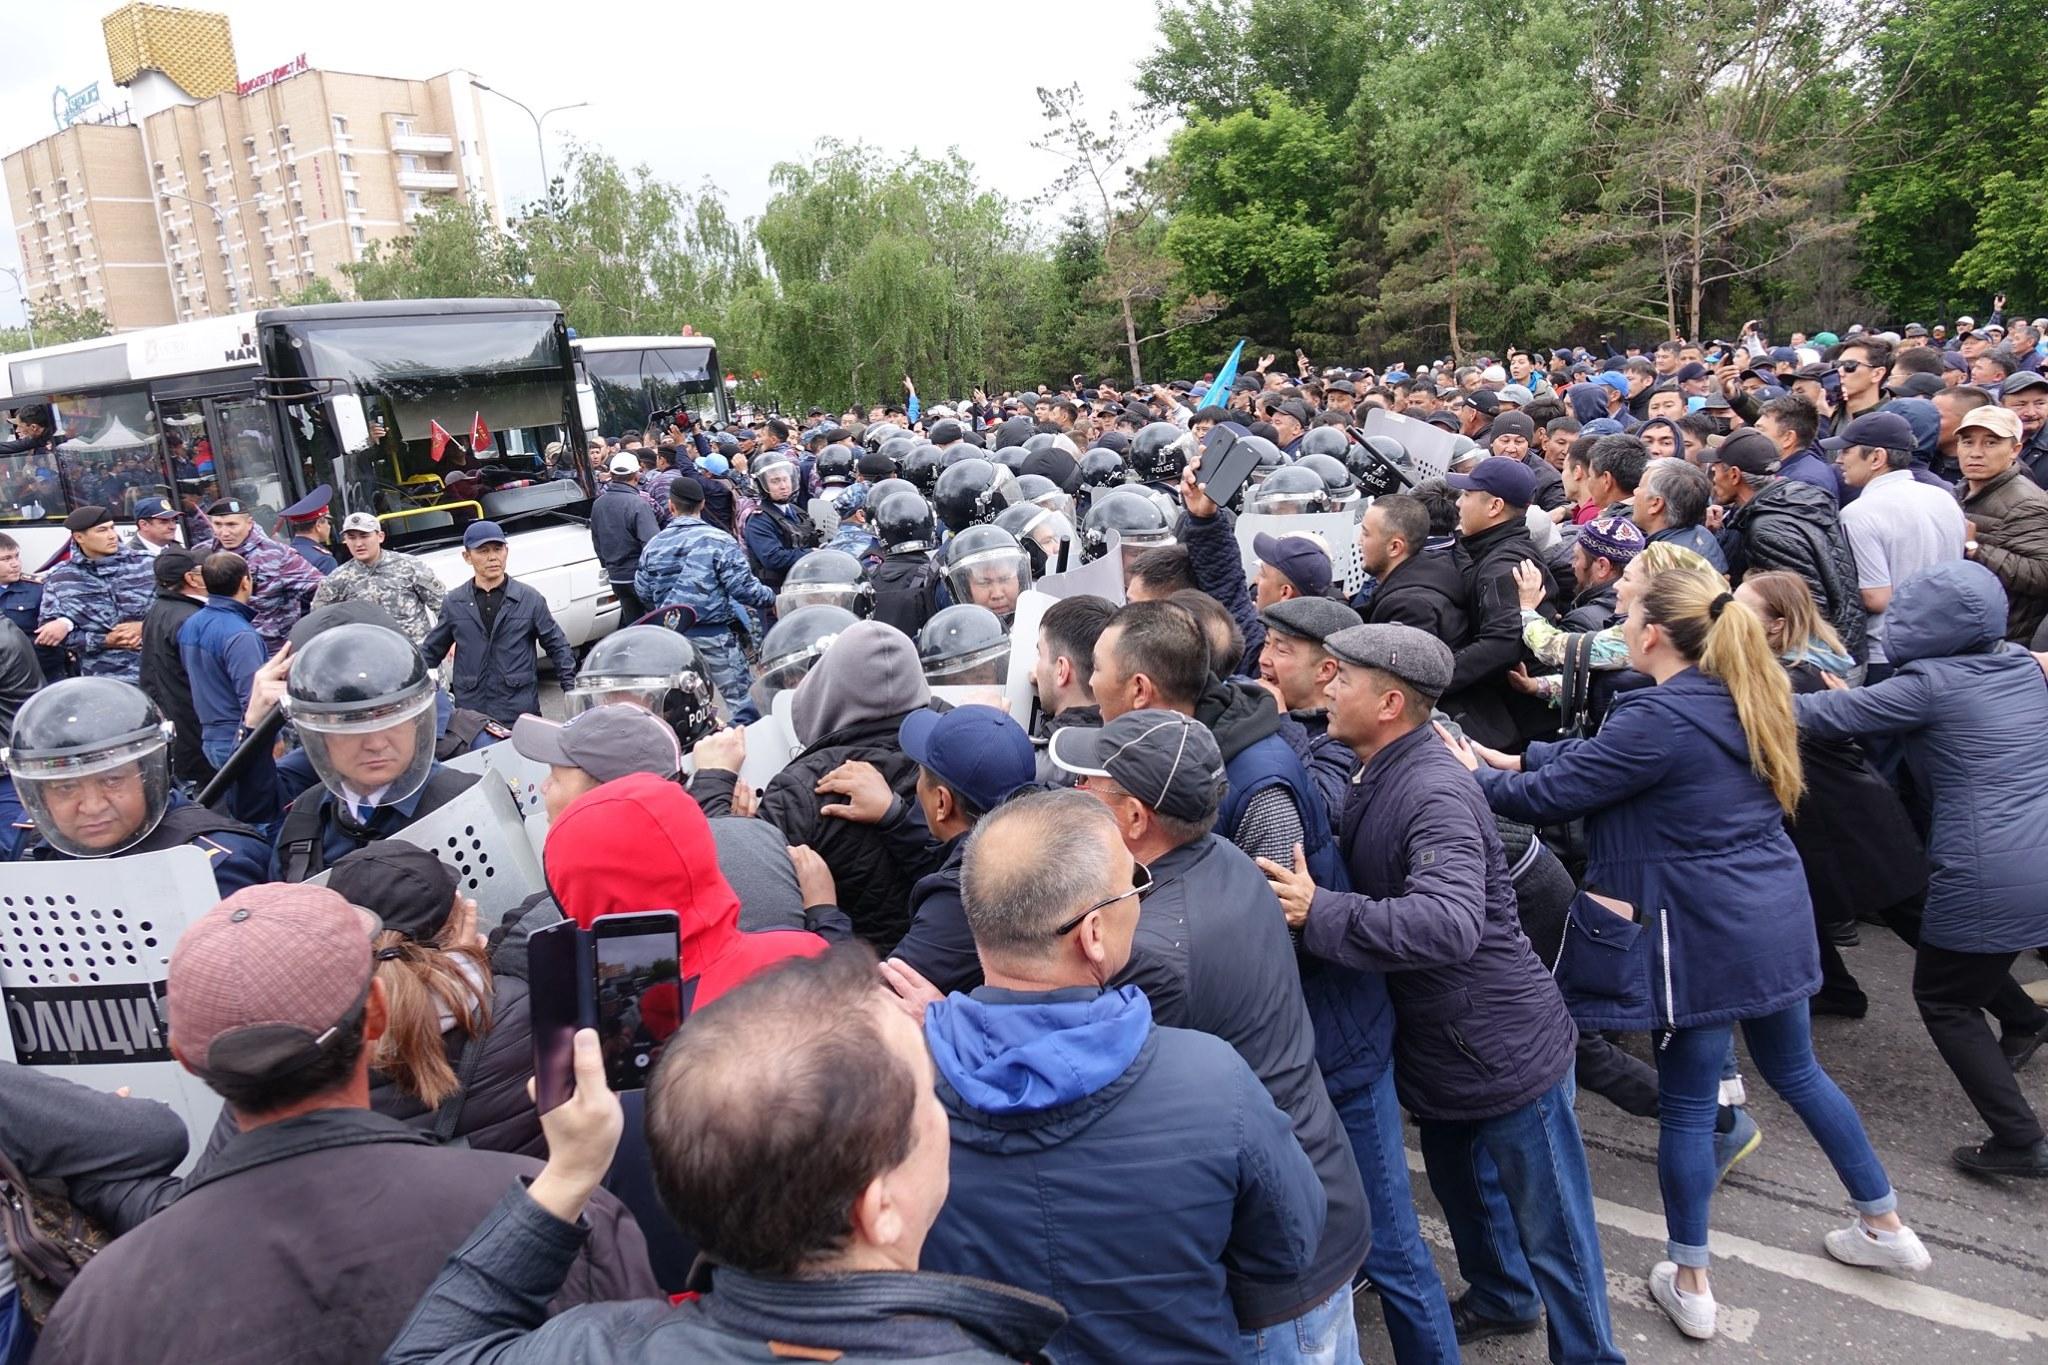 Volební den v kazašském hlavním městě Nursultan. Foto Abduaziz Madjarov